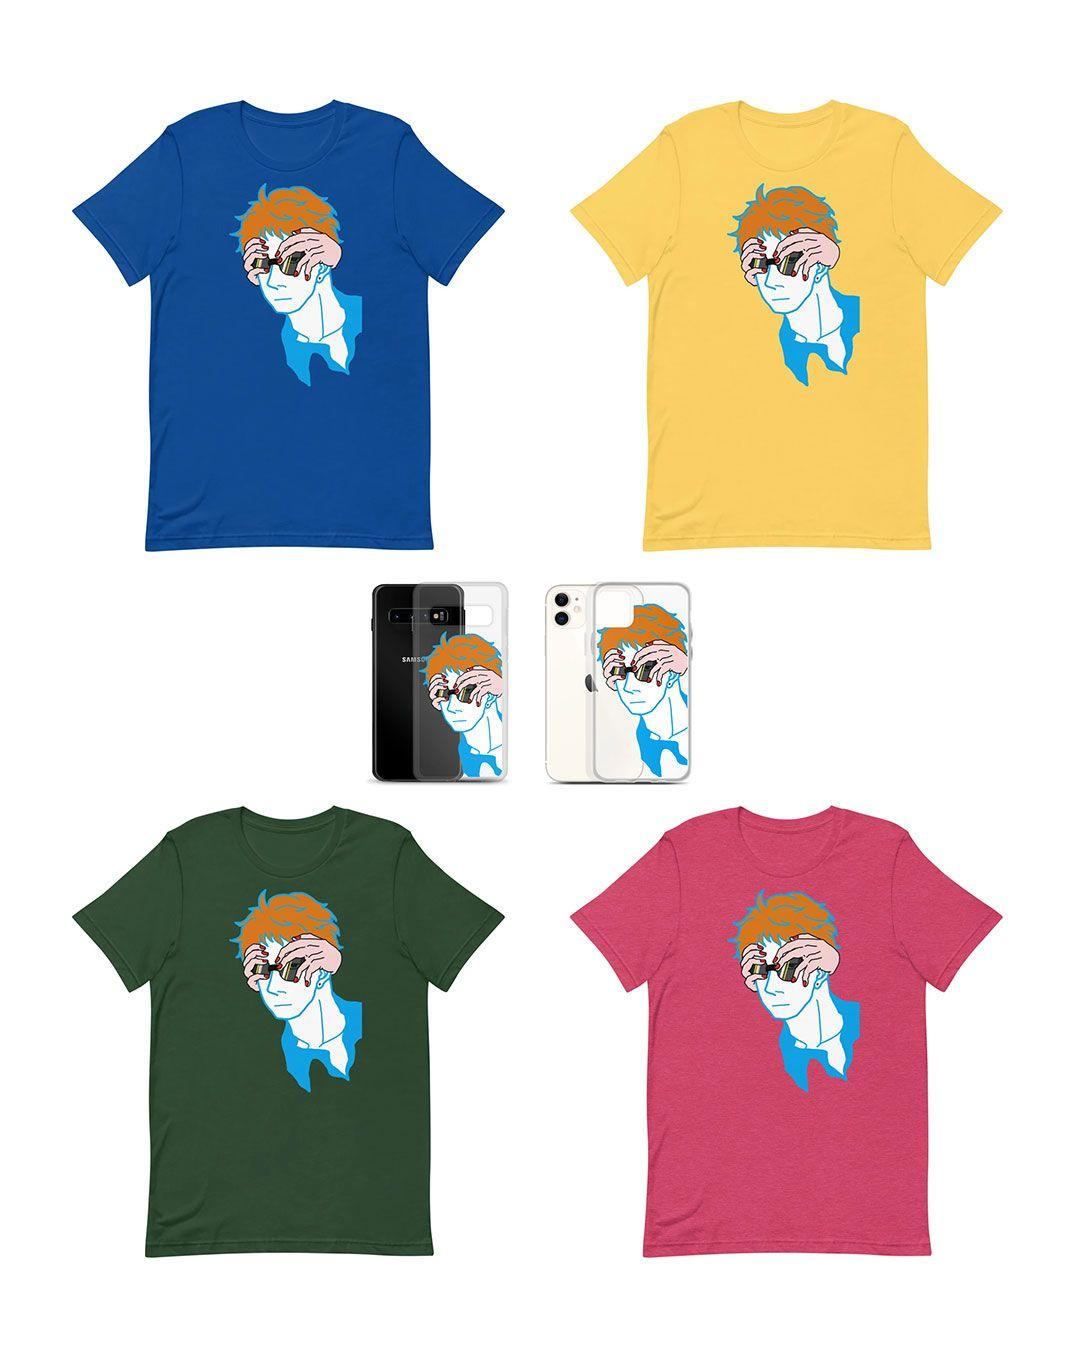 #iPhonecase #iPhonecases #caseiPhone #Samsungcase #Samsungcases #caseSamsung #Phonecasedesign #Phonecaseart #Tshirt #Tshirts #Tshirtdesign #Tshirtdesigns #Tshirtprint #Tshirtprinting #tshirtprintingph